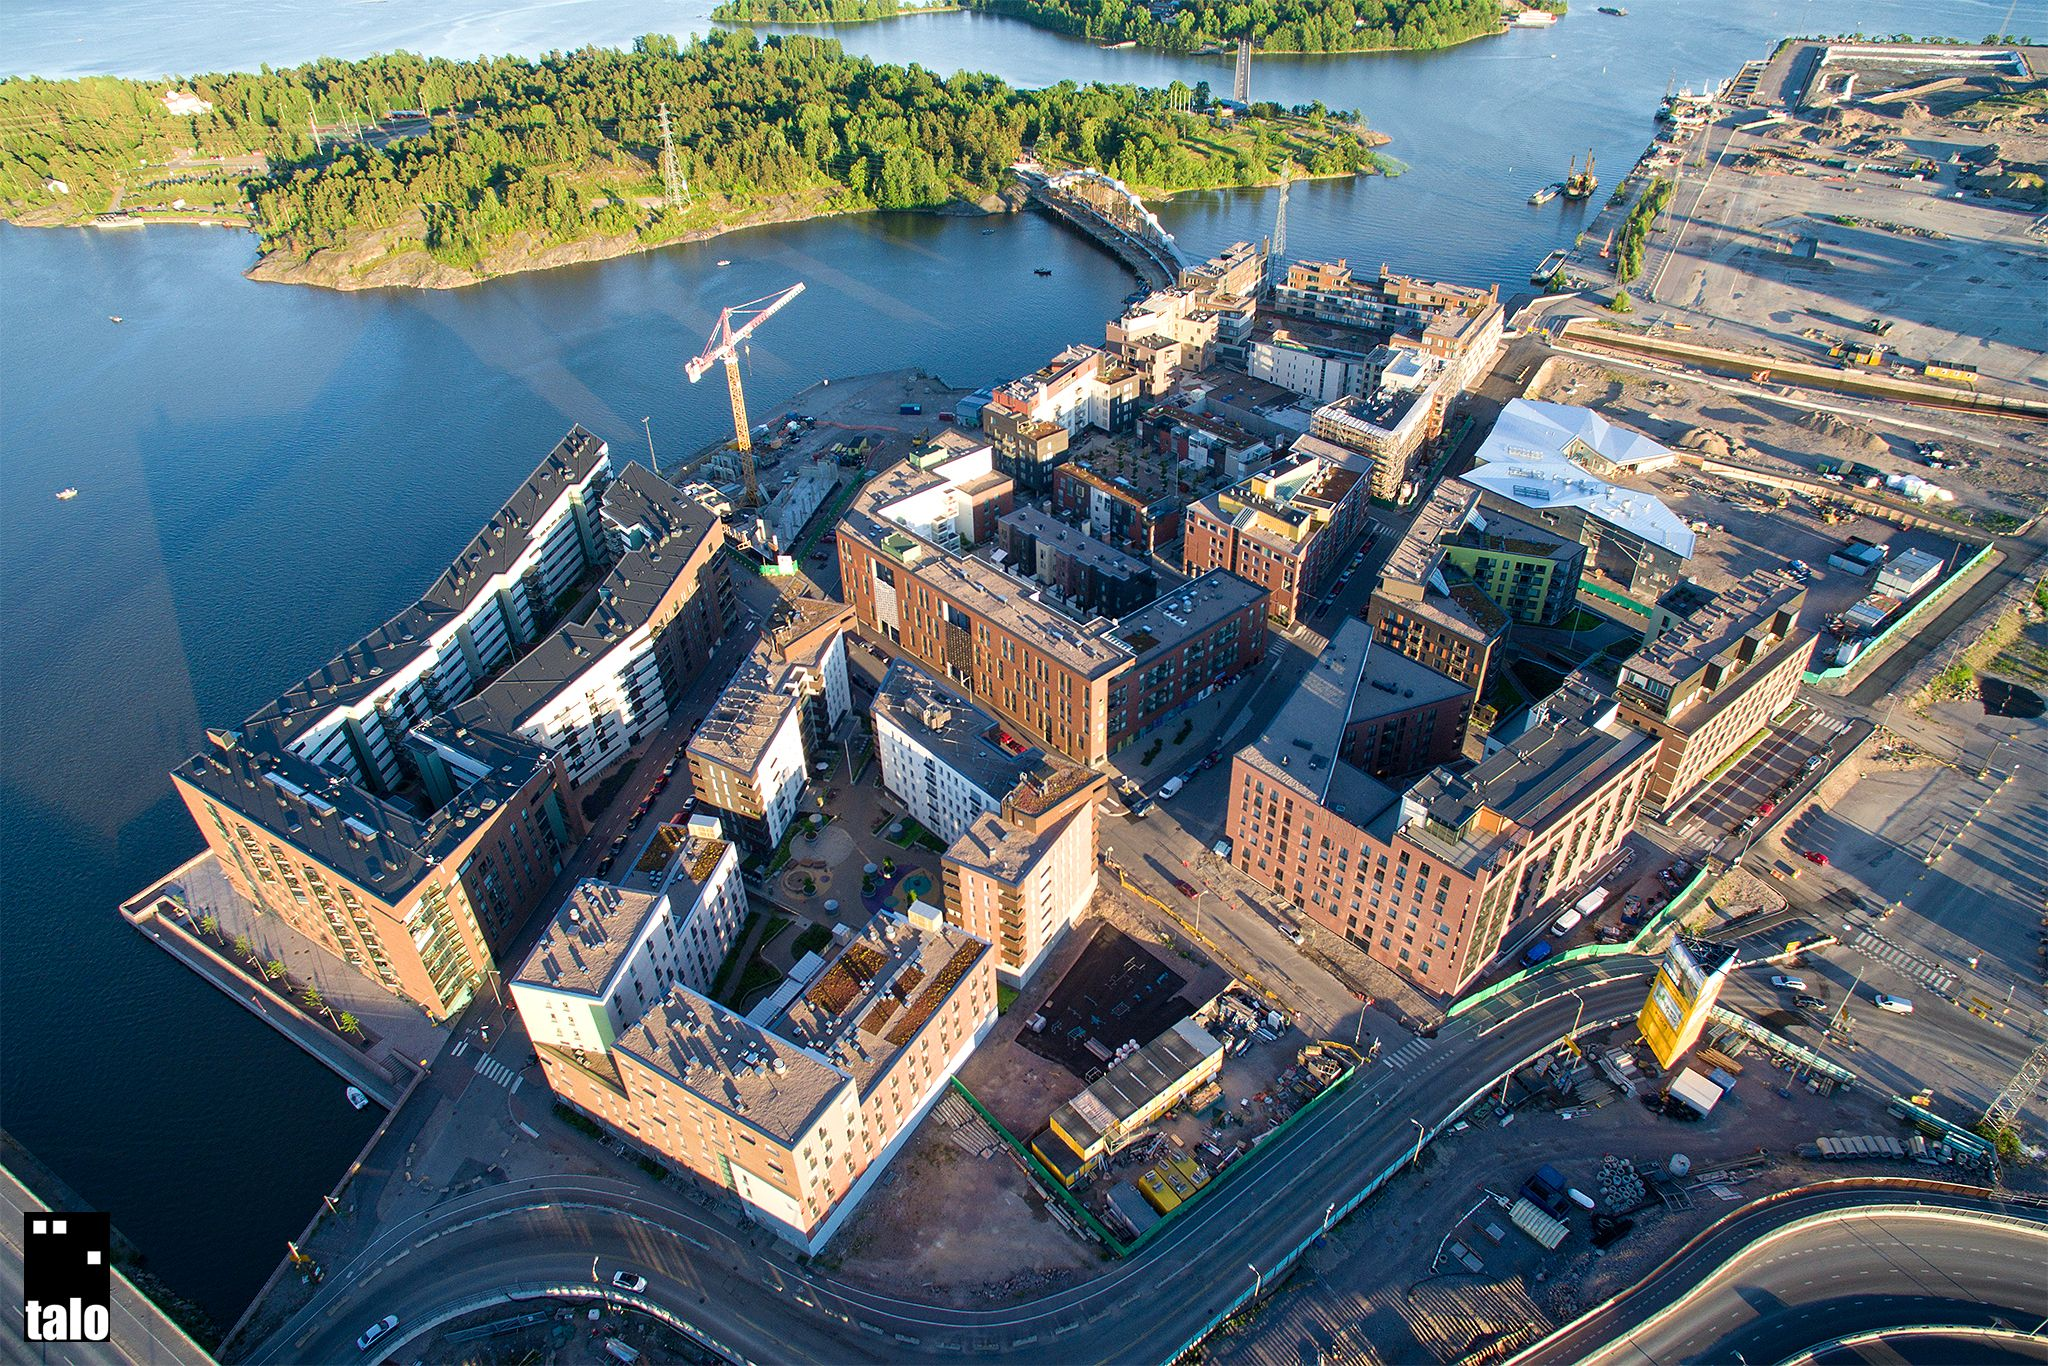 Helsinki Asemakaava